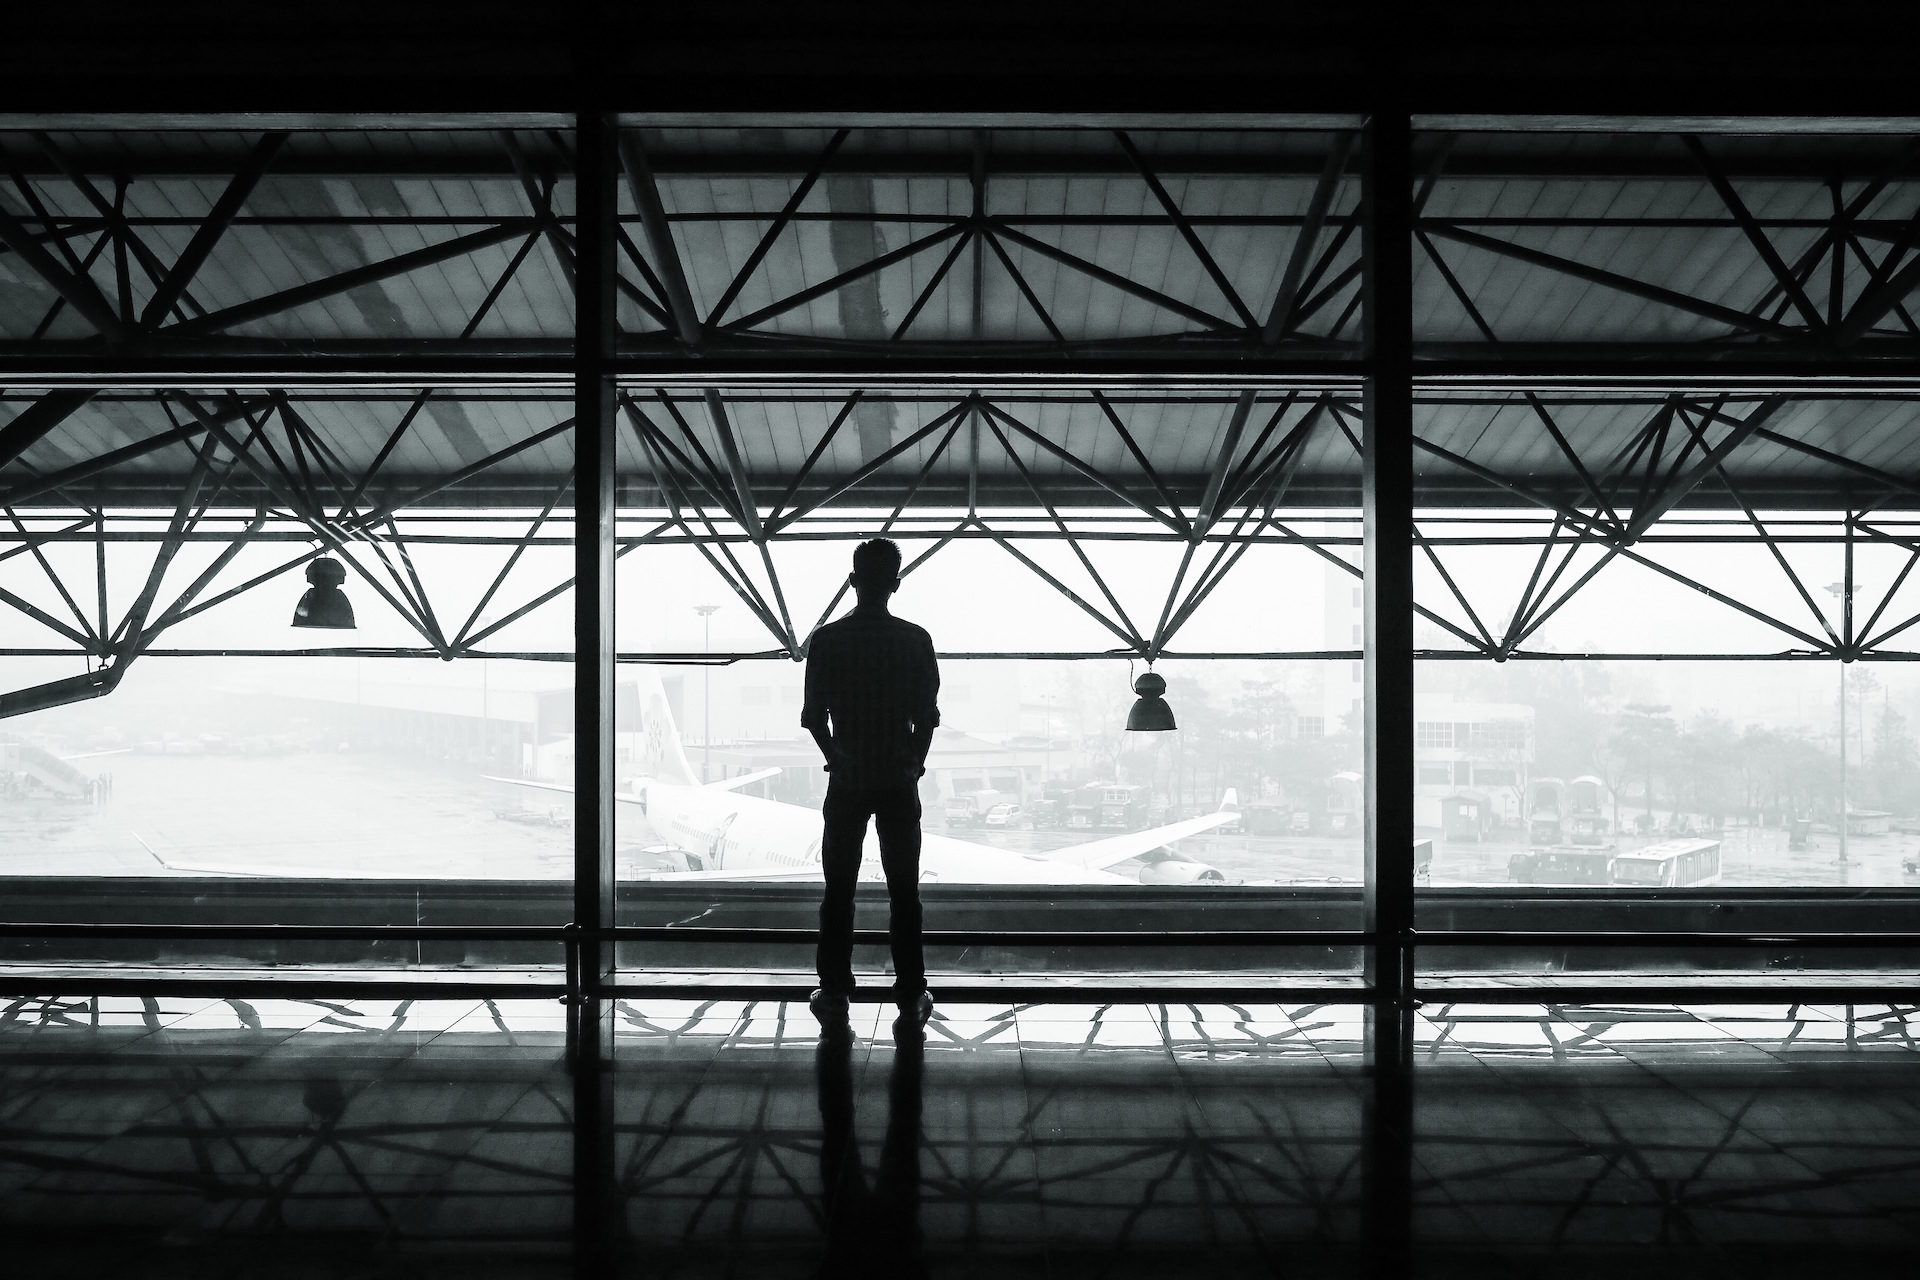 空港, 旅行者, 待ってください, ソレダ, 航空機 - HD の壁紙 - 教授-falken.com